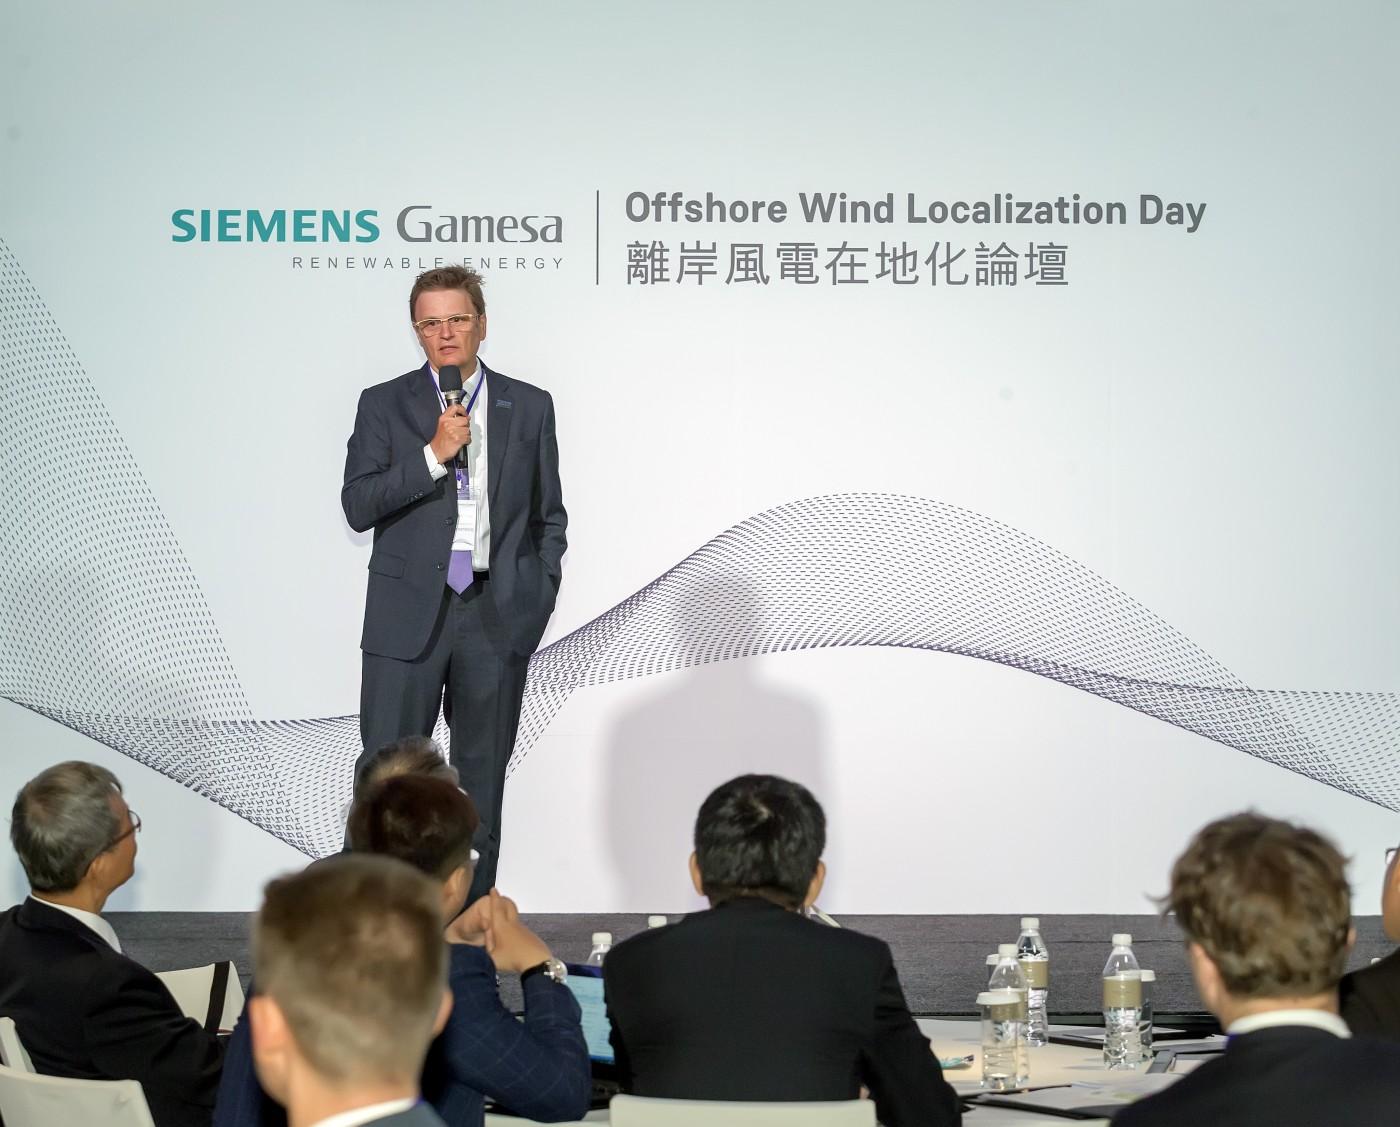 搶攻台灣離岸風電在地化商機,西門子歌美颯助台廠與國際級供應商牽線